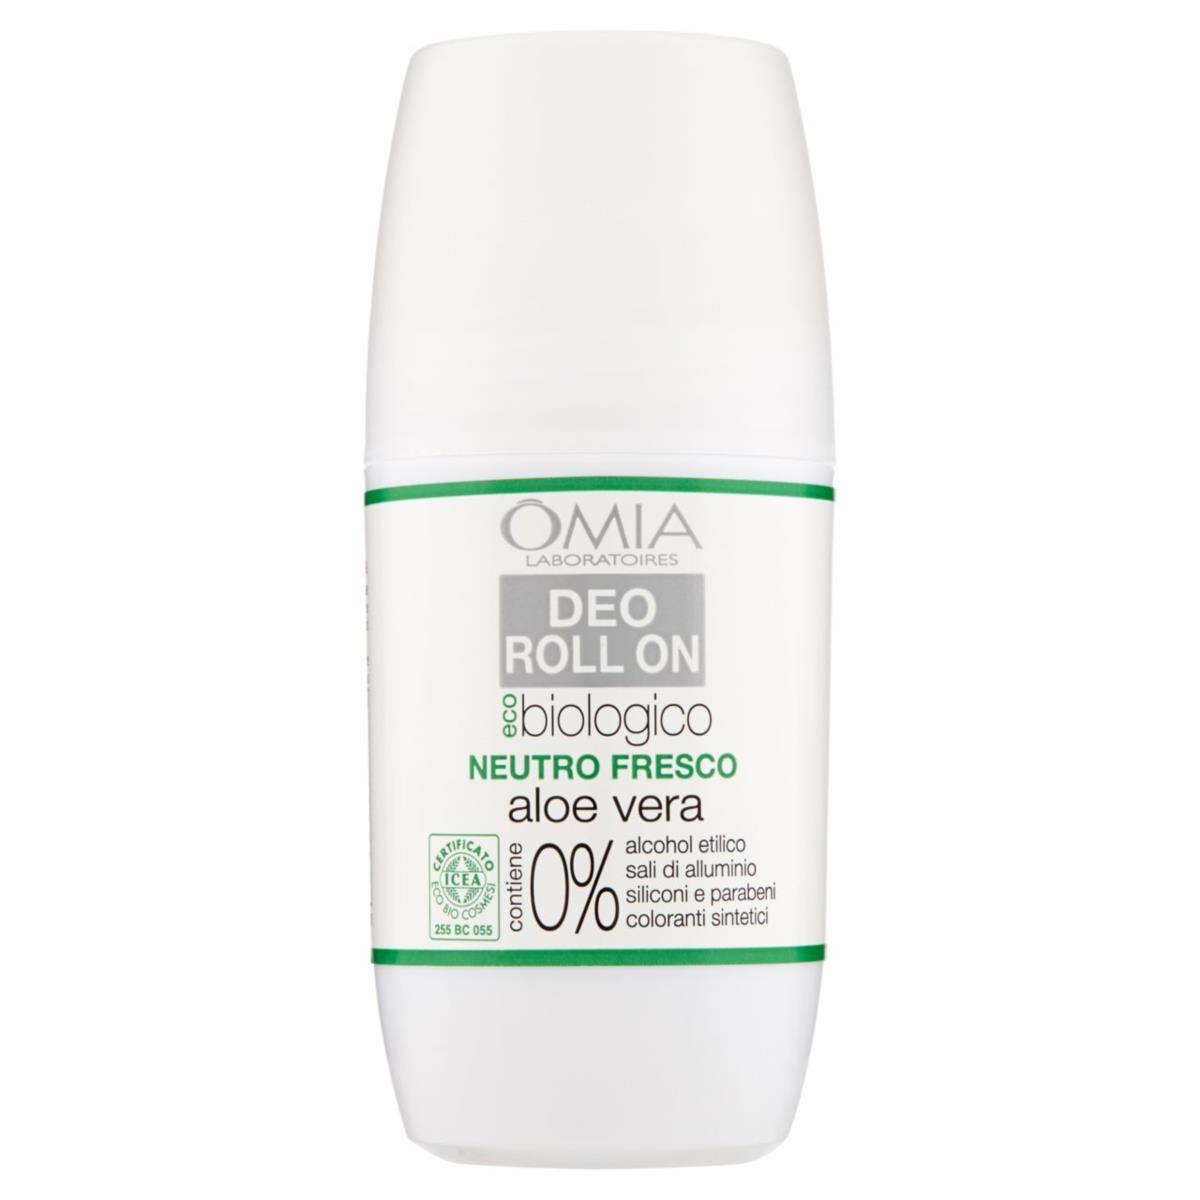 Omia Deodorante Roll On Eco-biologico Neutro Fresco all'aloe vera 50 ml